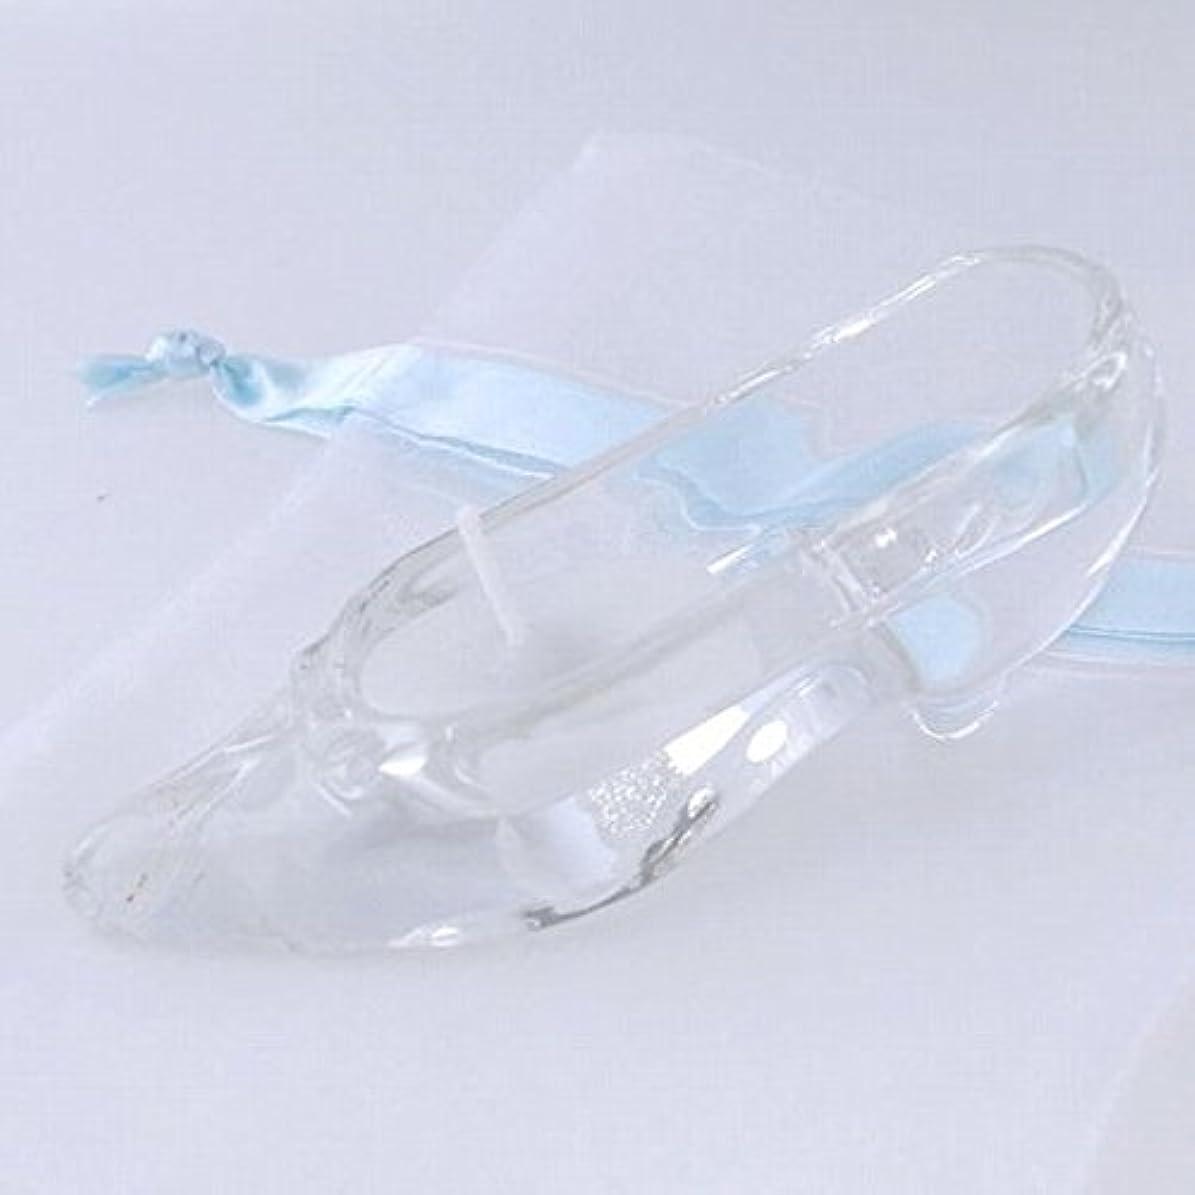 サイクロプス分離するデイジーkameyama candle(カメヤマキャンドル) ガラスの靴 「ホワイト」(A9510050W)